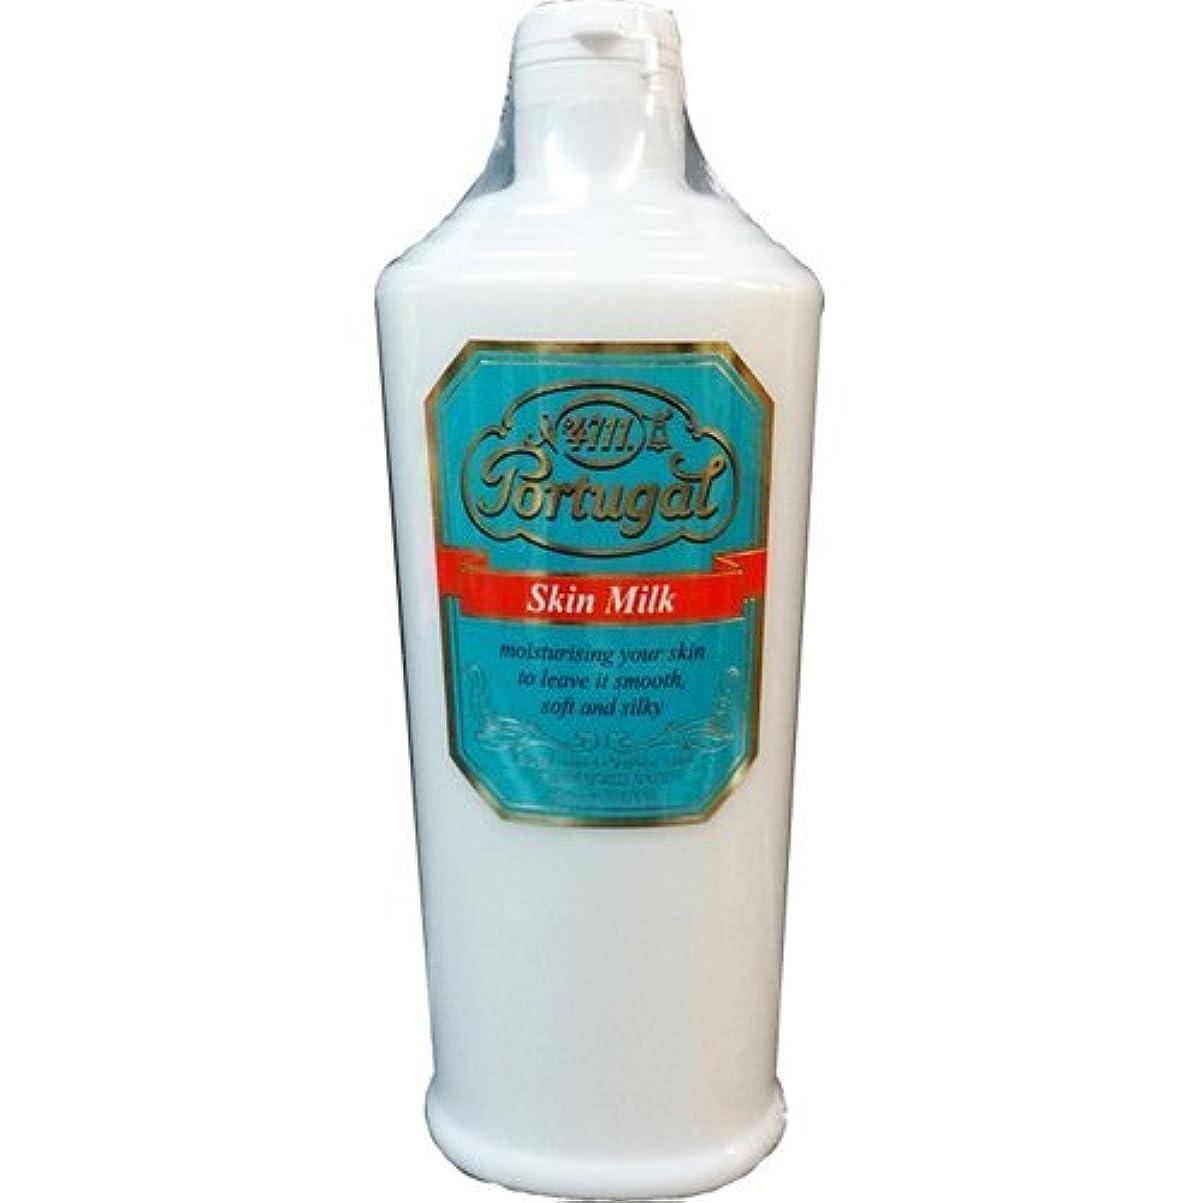 硫黄コンプライアンスパプアニューギニア4711 ポーチュガル スキンミルク 500ml